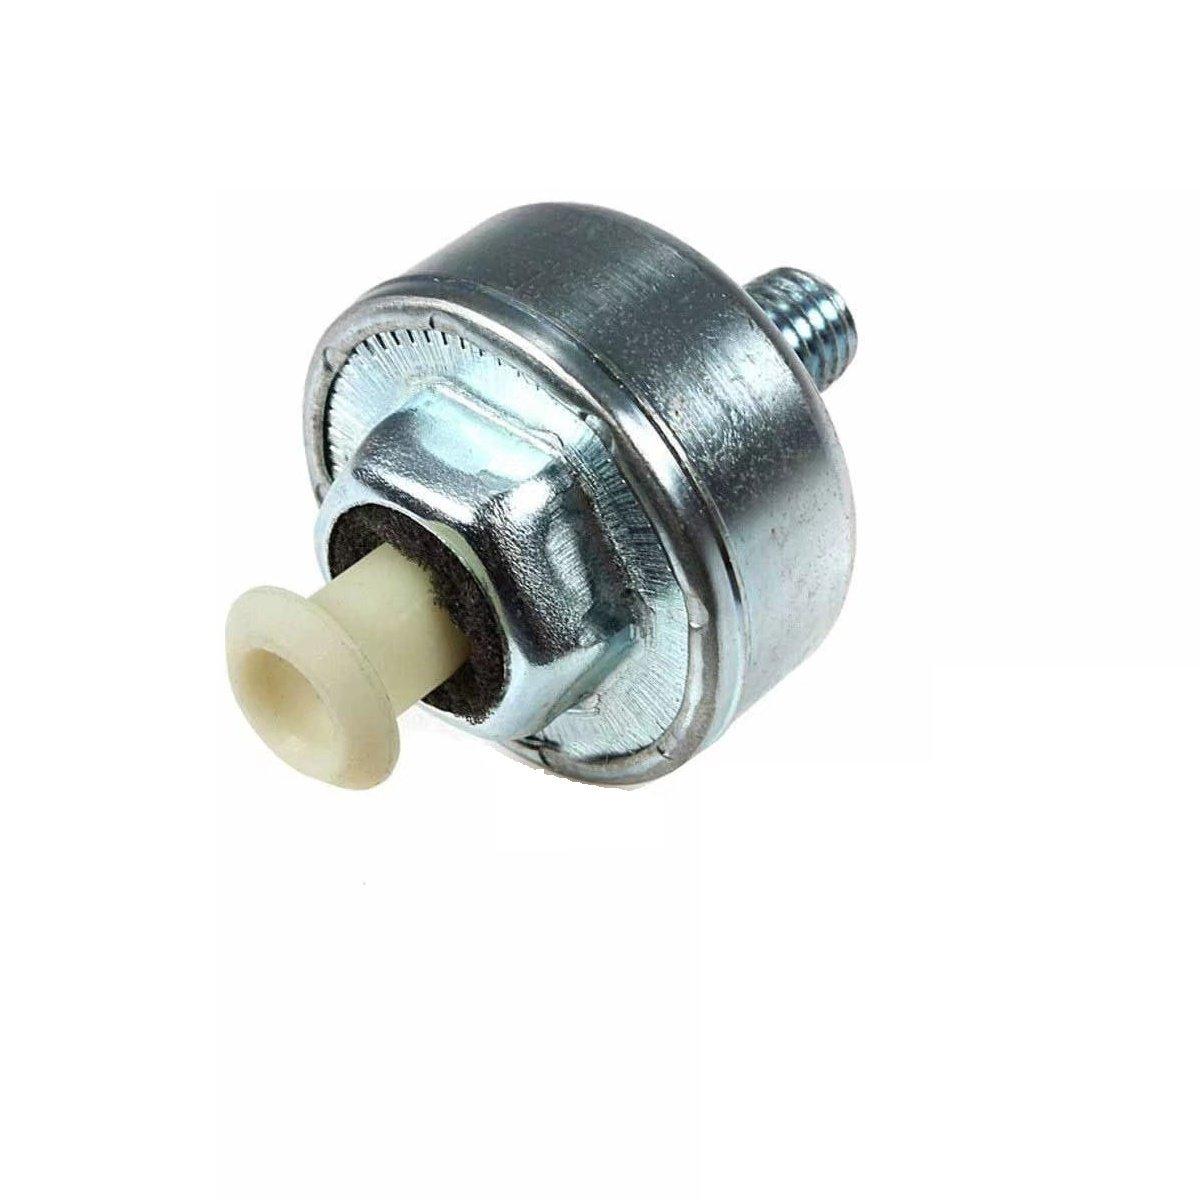 KingFurt 10456603 AS10017 Ignition Knock Detonation Sensor For GM 213-3521